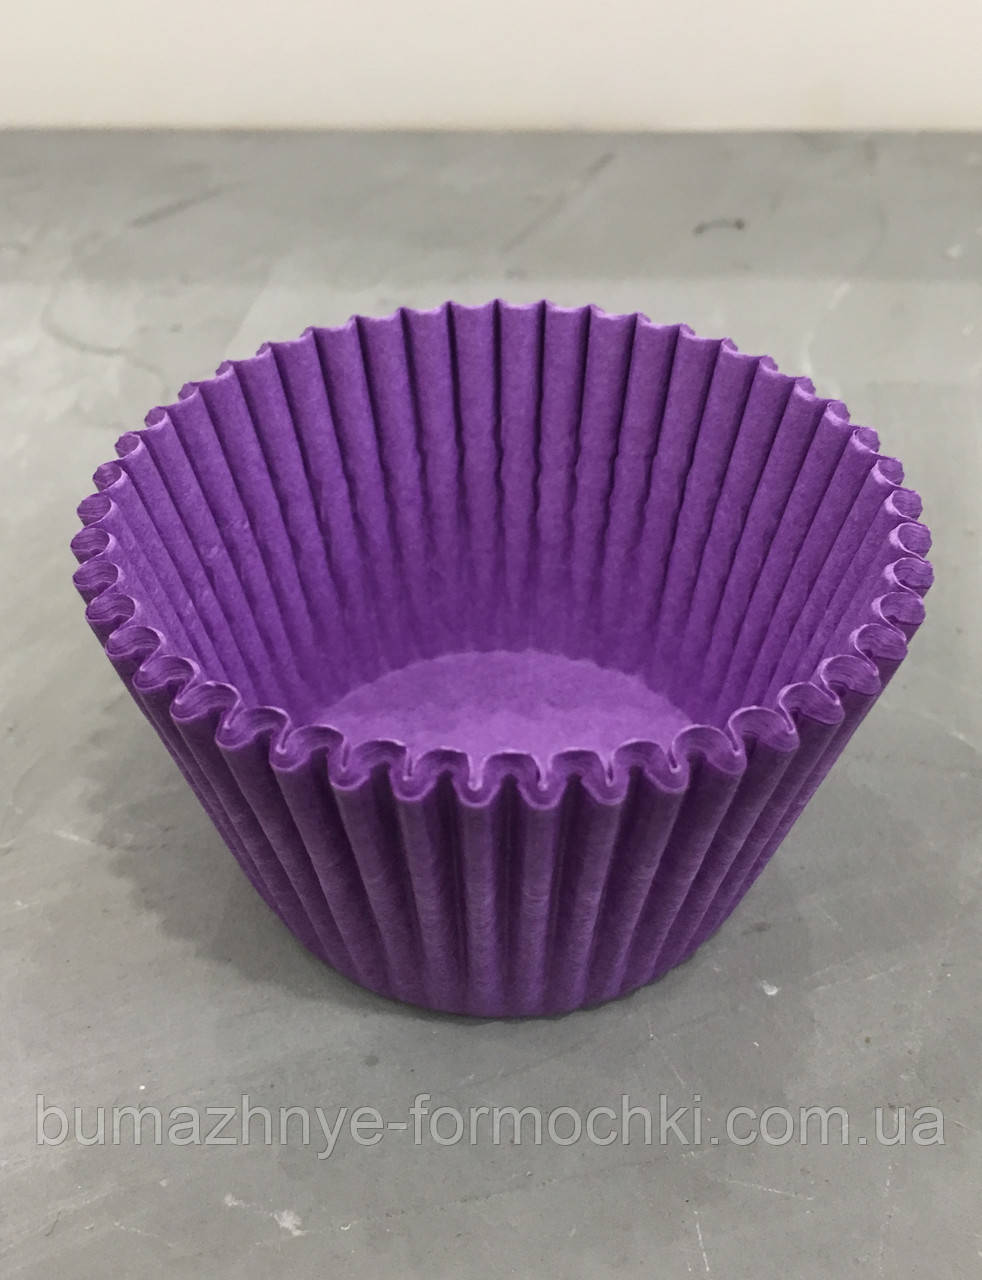 Фиолетовые формочки для кексов и маффинов, 55х35